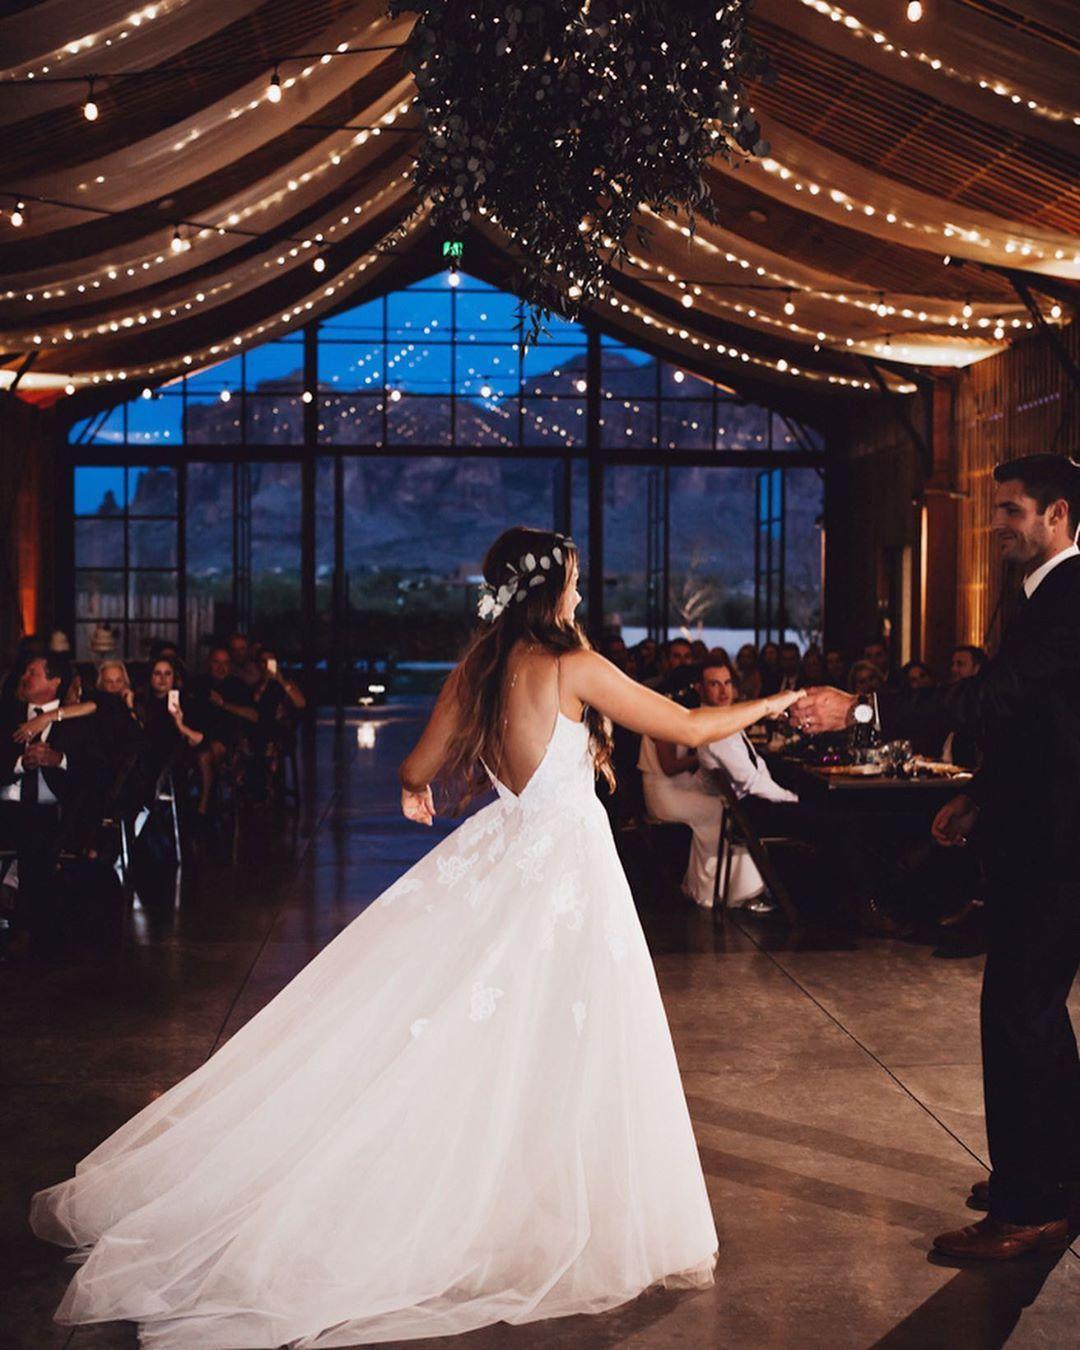 Aquele Casamento Folk Com Leveza E Autenticidade Que Embalam O Coracao Aquele Auten In 2020 Gorgeous Wedding Gorgeous Wedding Dress Wedding Dresses